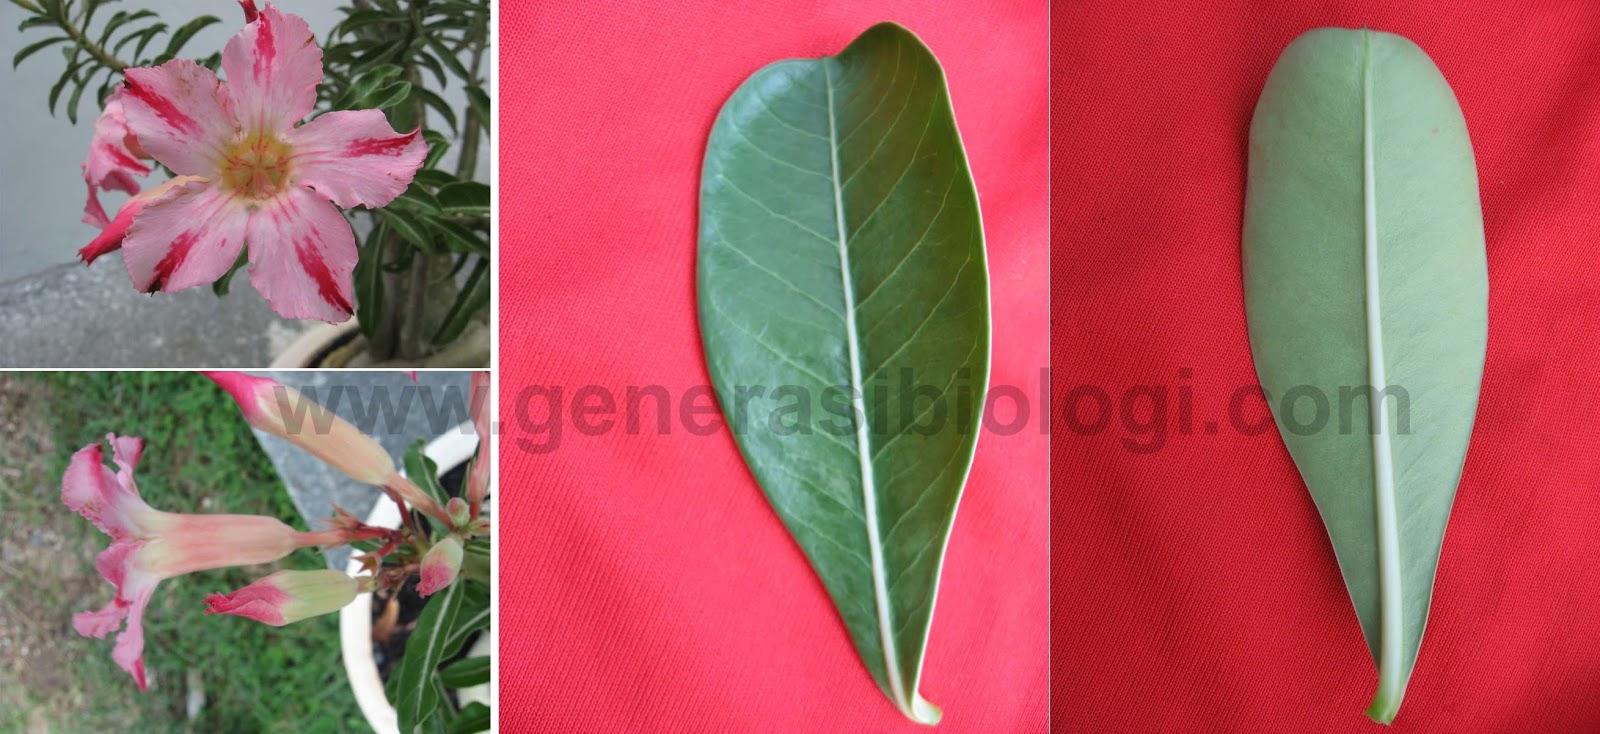 Nama latin adenium klasifikasi morfologi dan deskripsinya rumus bunga k5 c5 a5 g1 diagram bunga ccuart Image collections